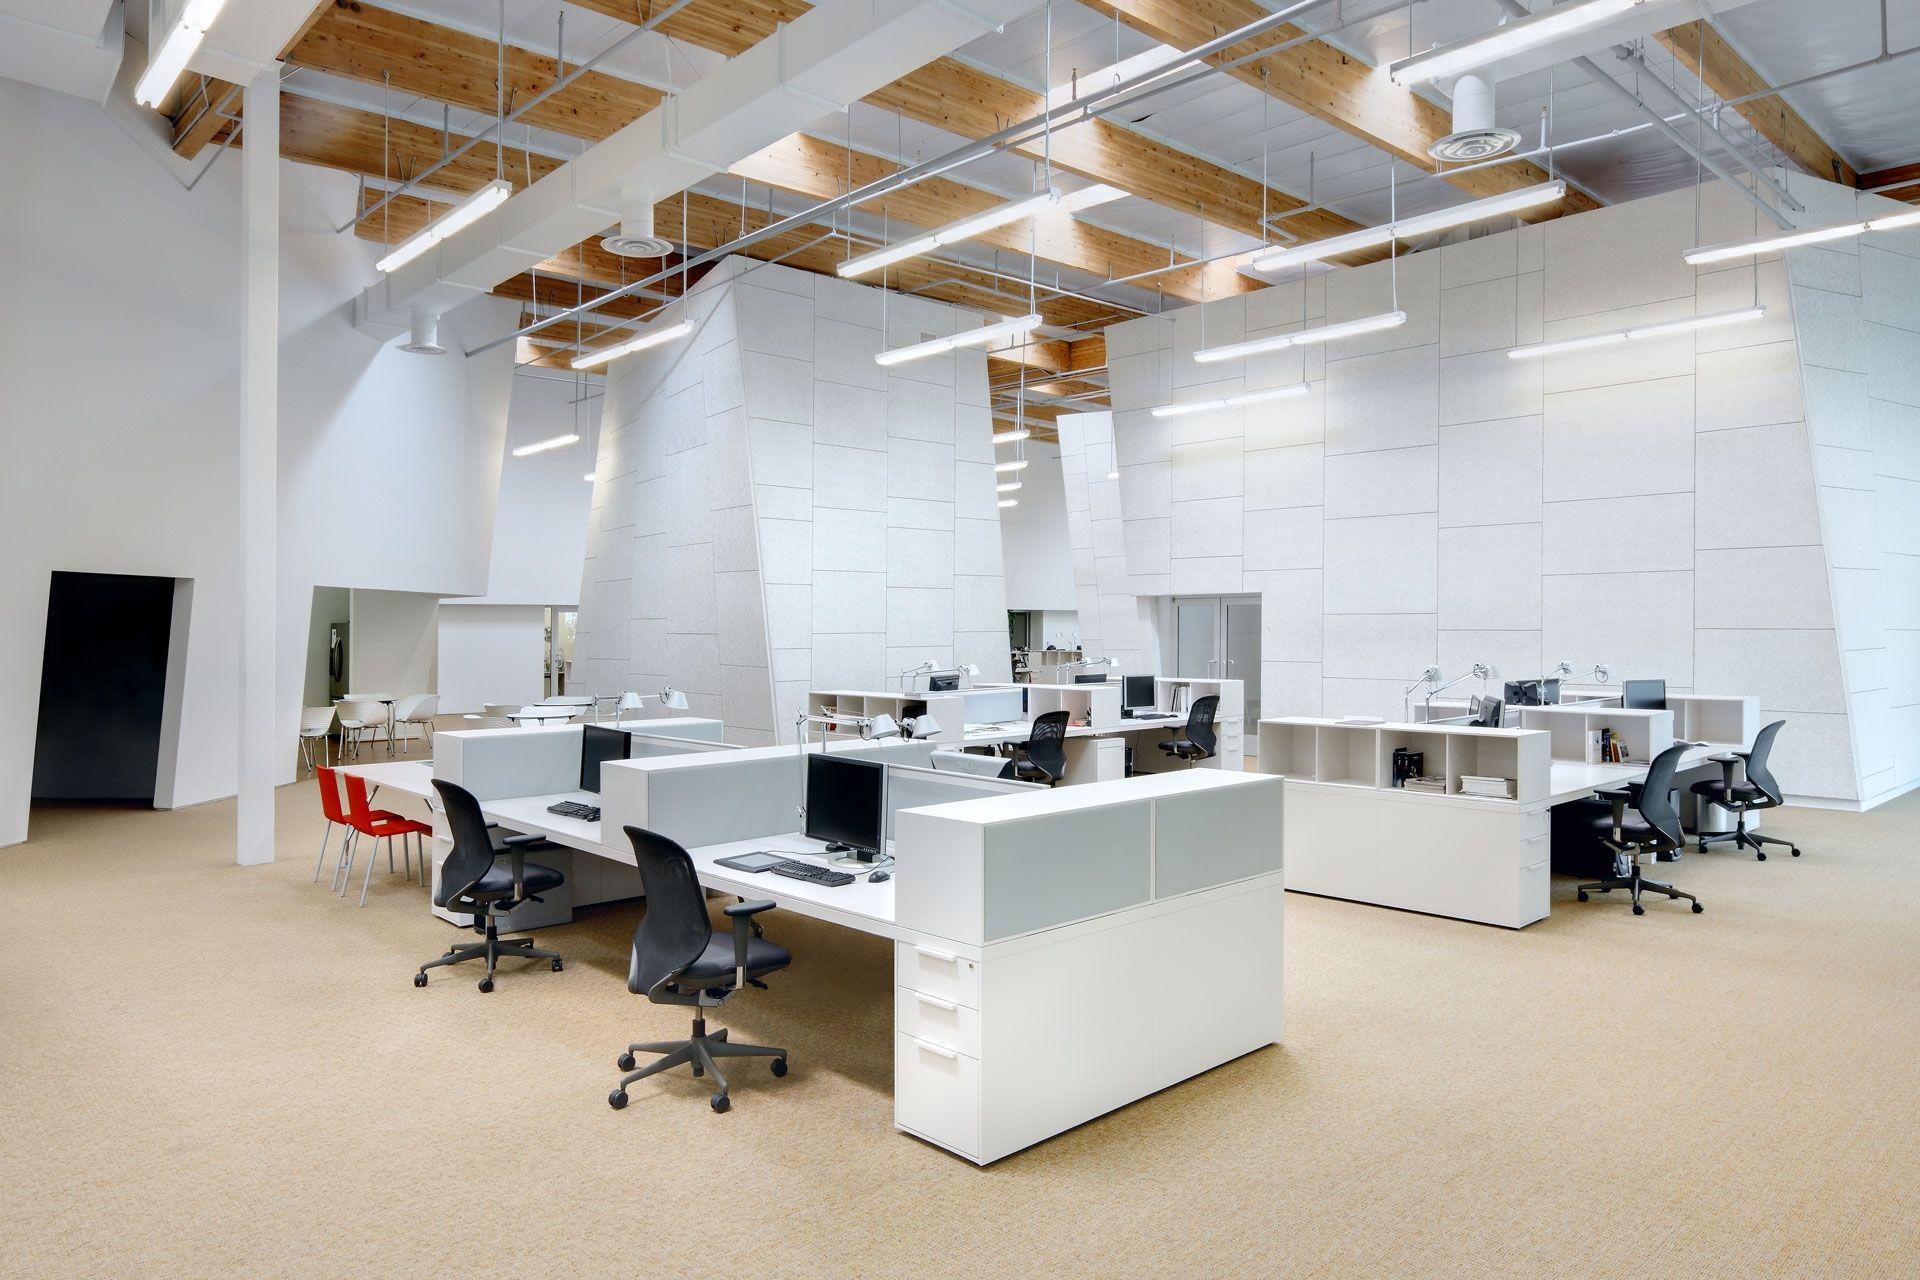 Nội thất văn phòng thiết kế phong cách hiện đại